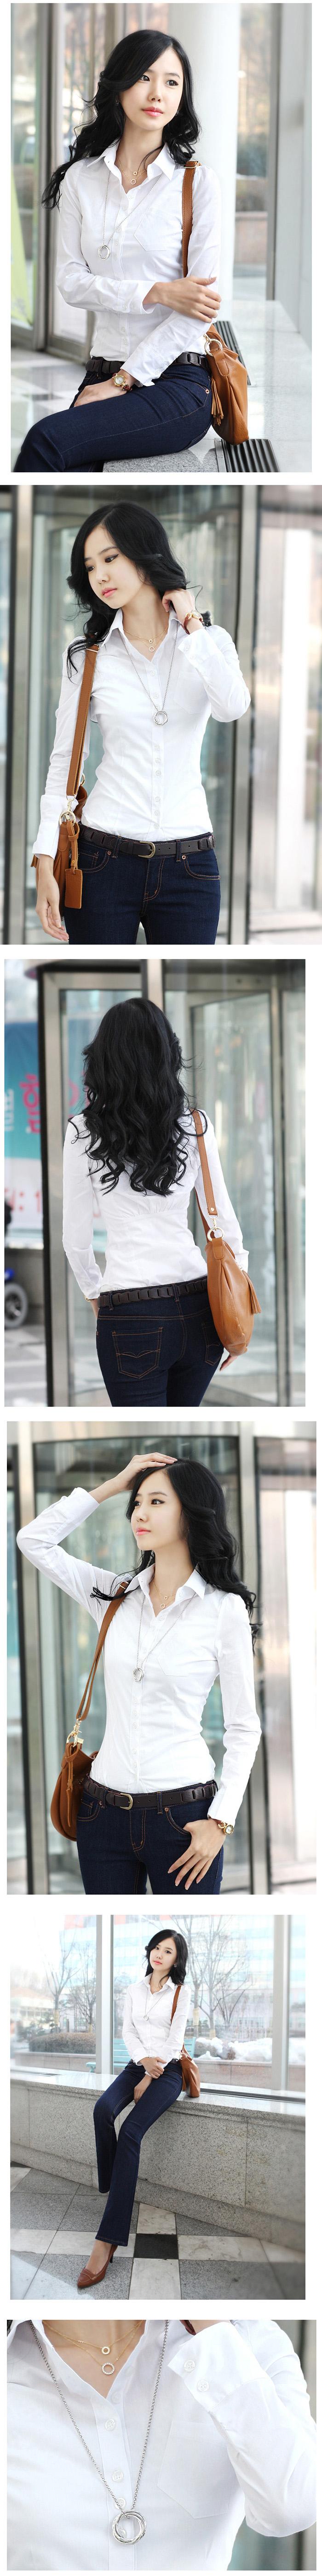 เสื้อเชิ้ต ทำงาน แฟชั่นเกาหลี ใหม่สวยแขนยาวฟอร์มพนักงาน นำเข้า ไซส์S/M/L/XL พรีออเดอร์MI505 ราคา920บาท